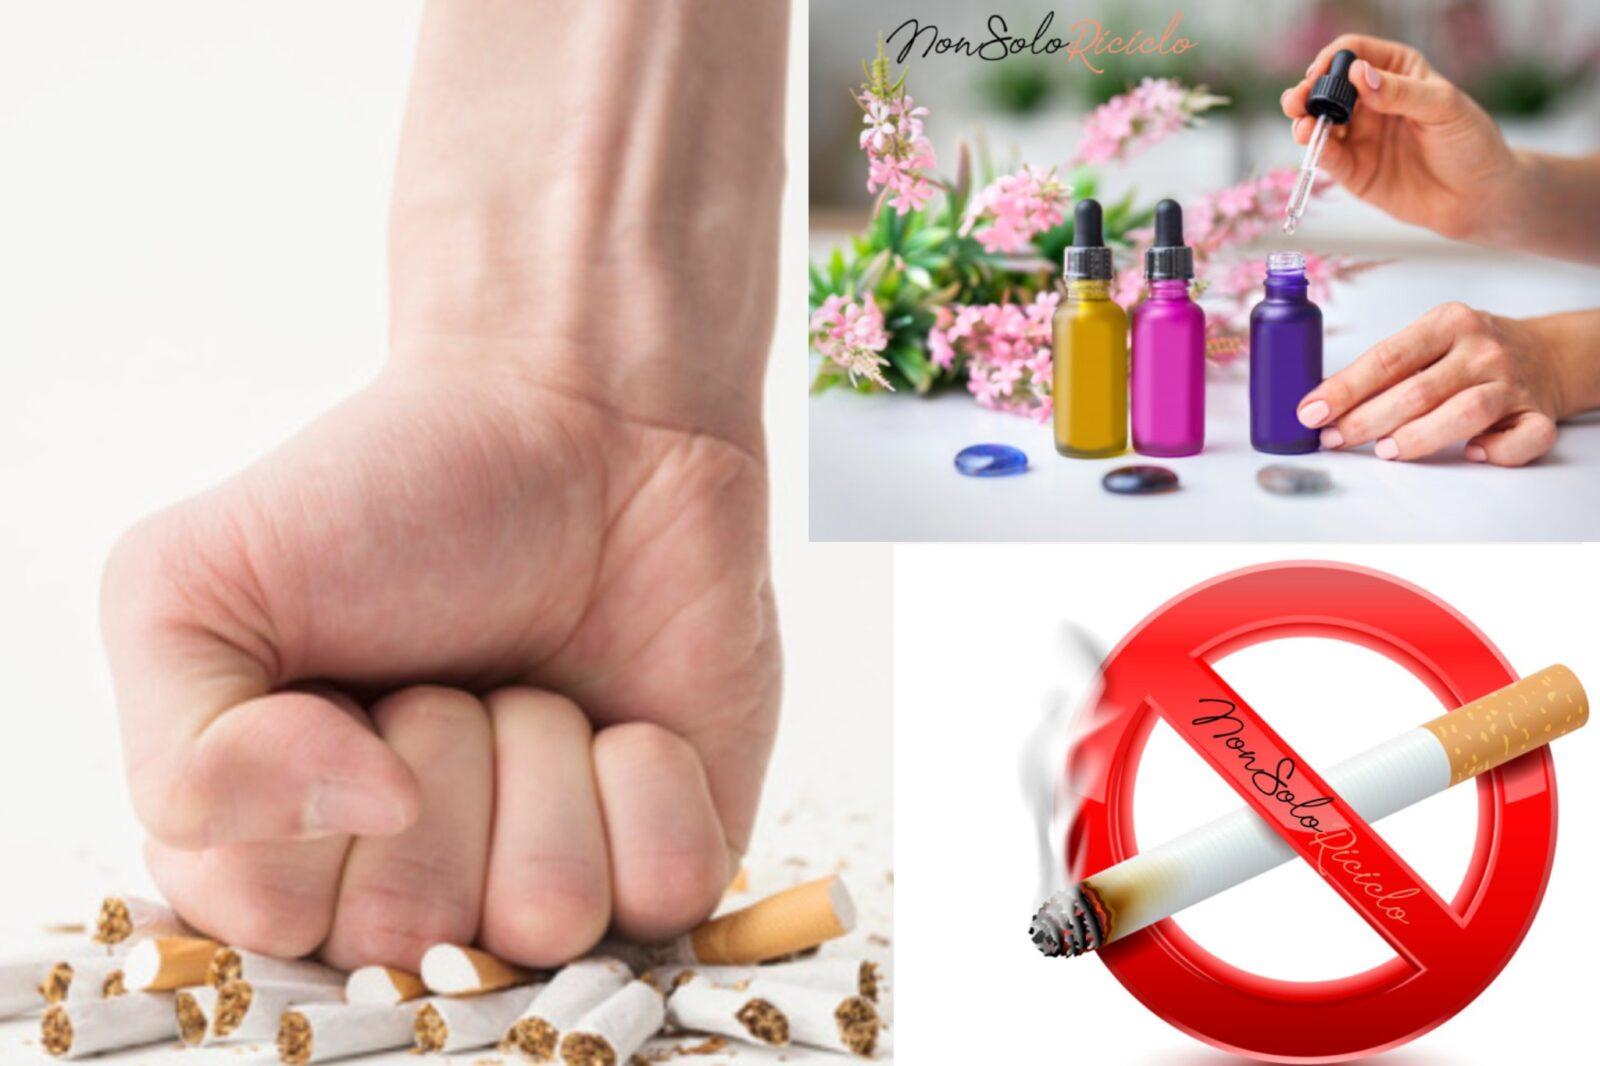 Se smetto di fumare migliora il corpo